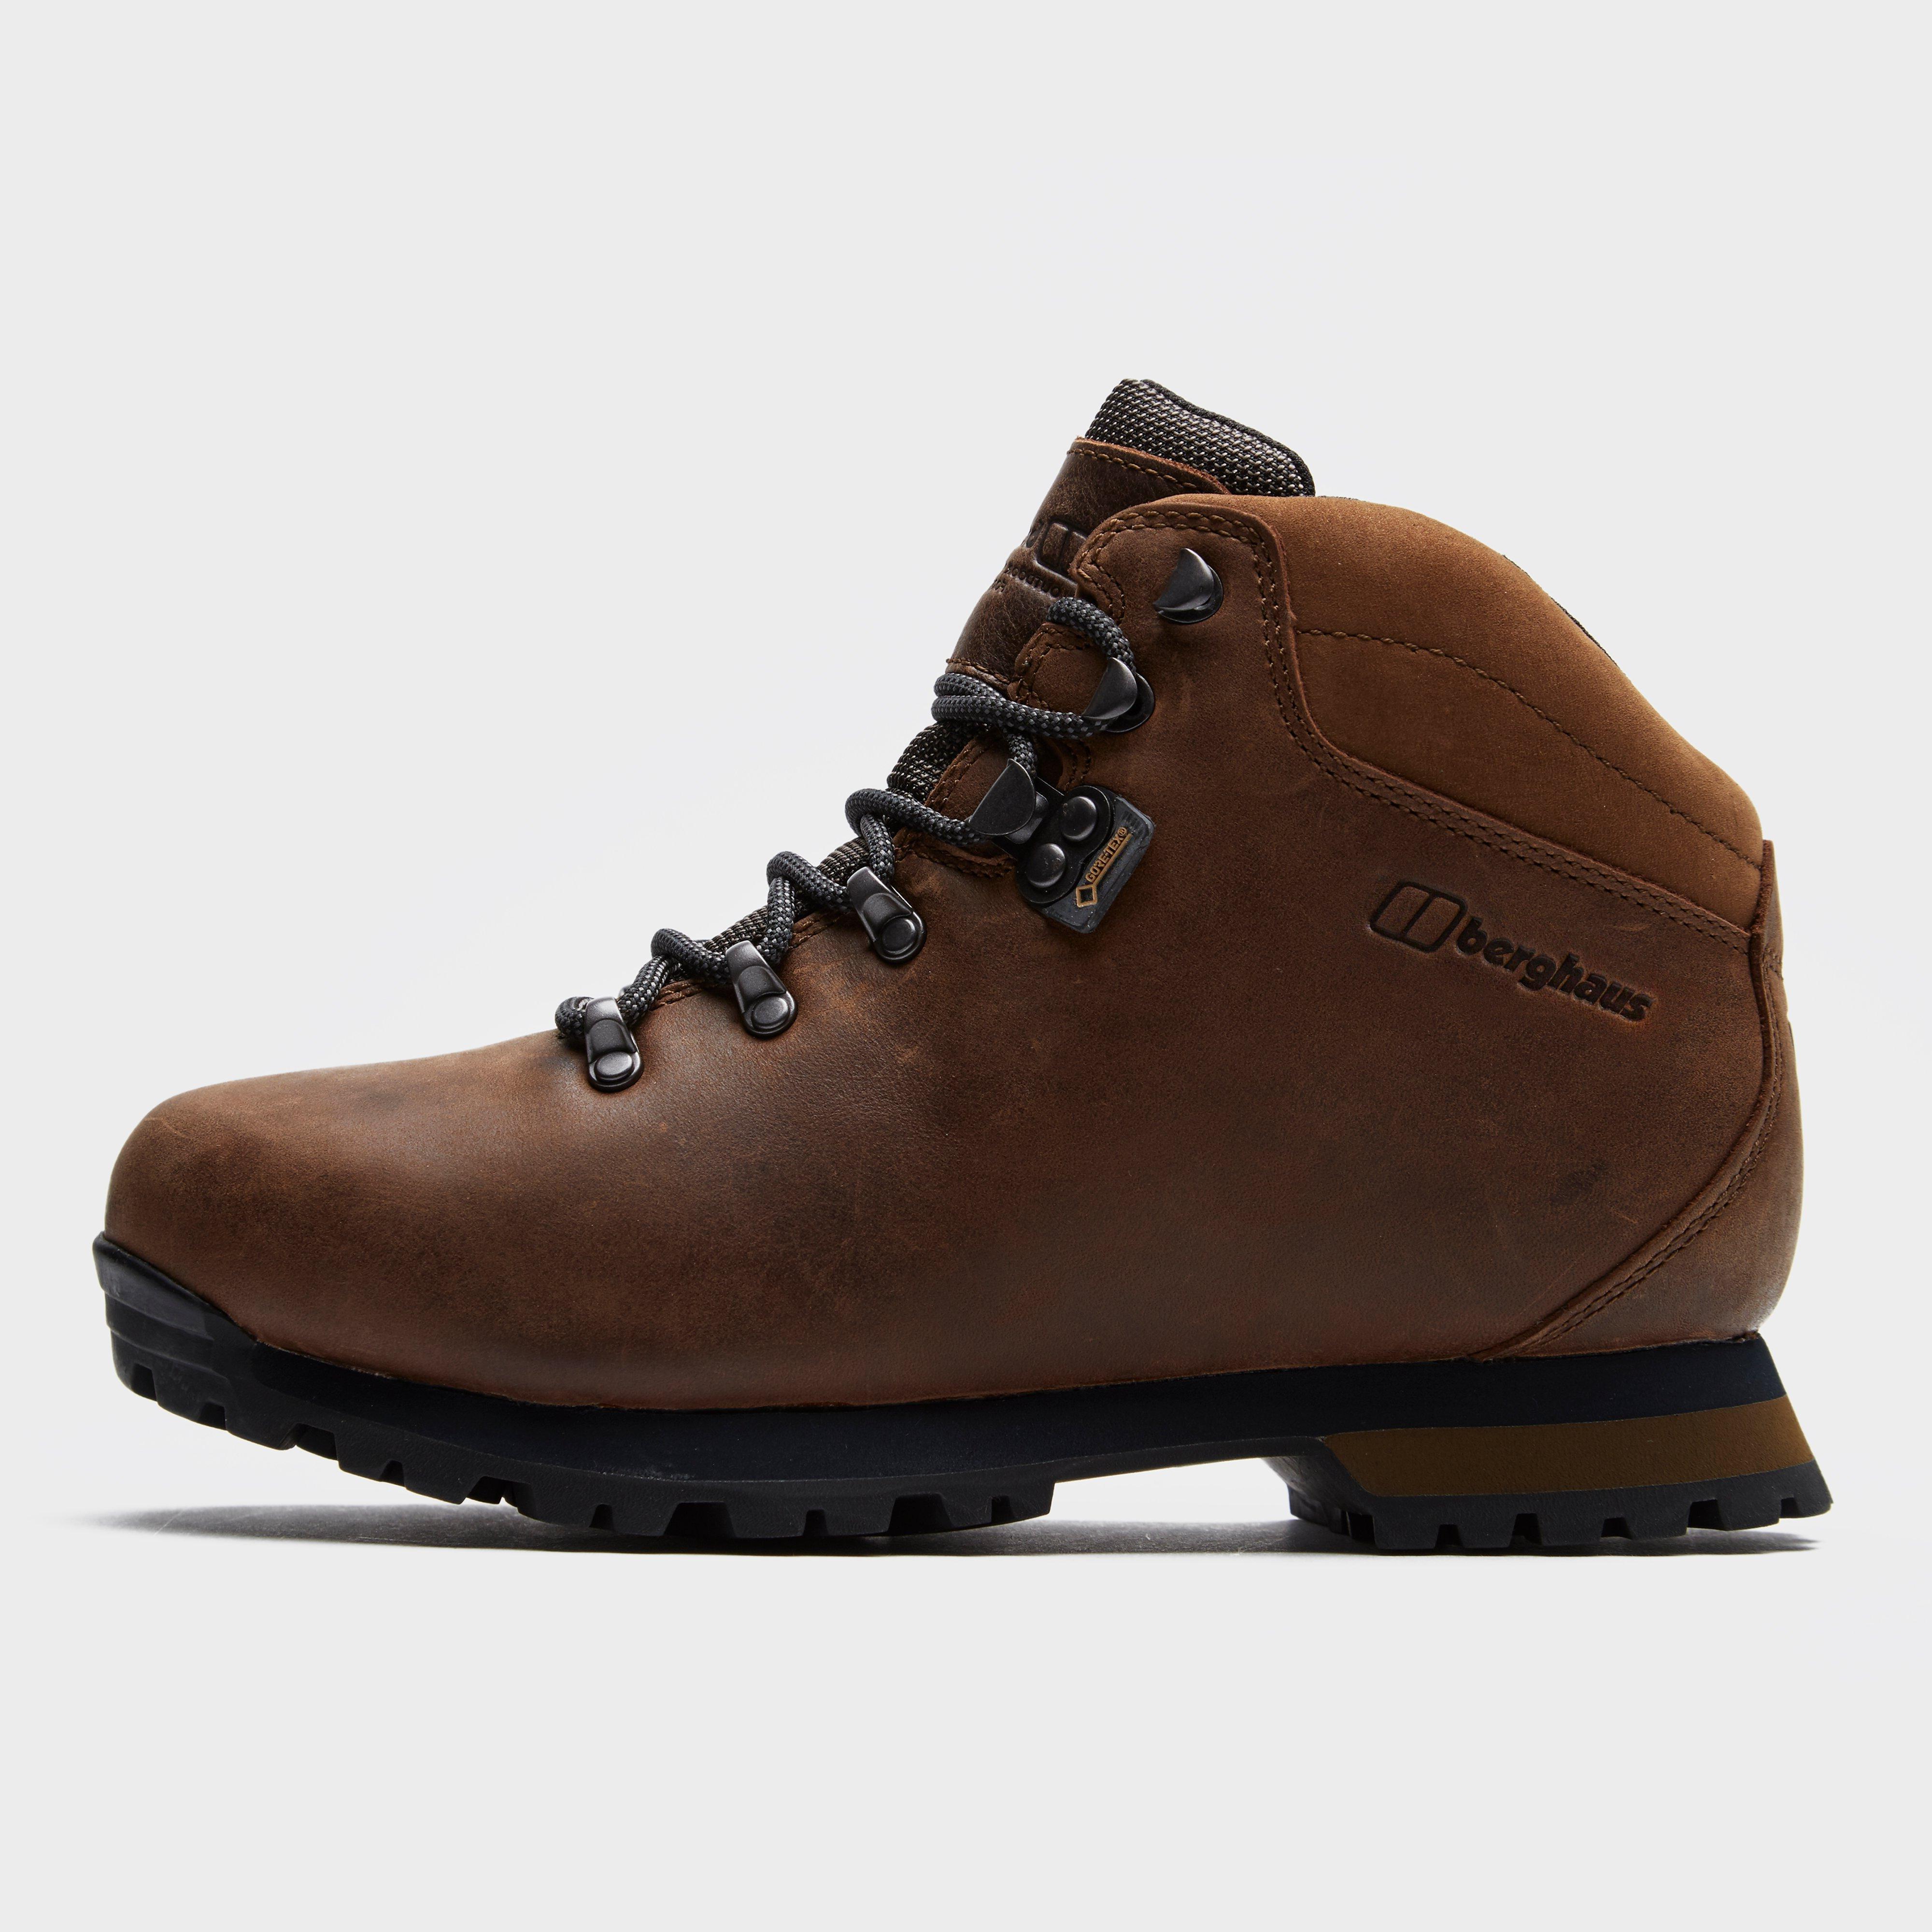 Berghaus Womens Hillwalker Ii Gore-tex  Leather Walking Boot - Brown/brown  Brown/brown